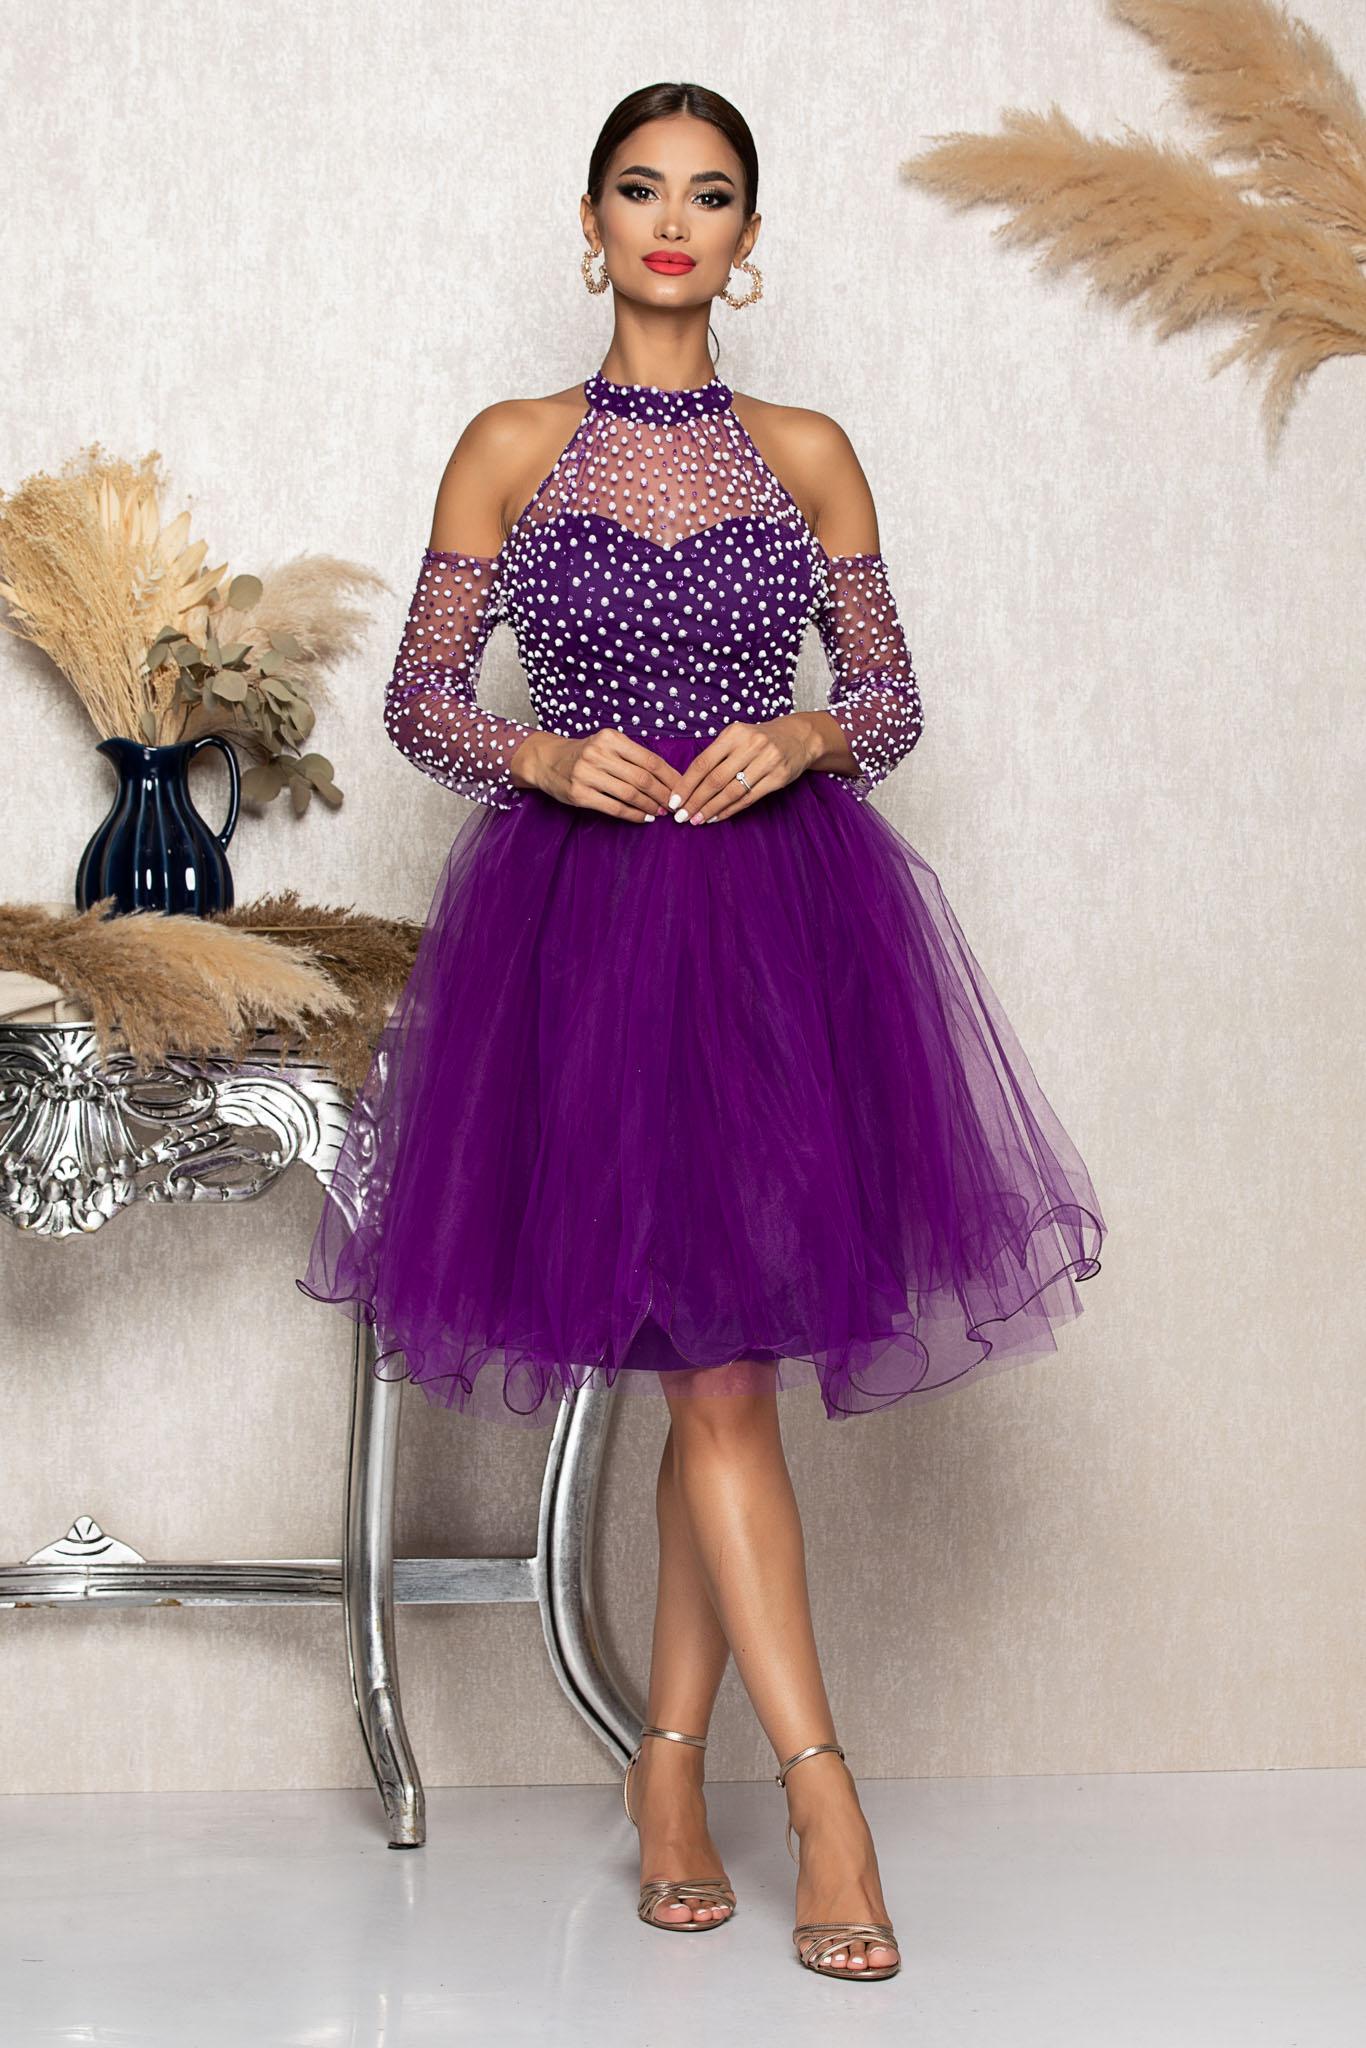 Rochie Barby Violet Marimi Mari M (38)   L (40)   XL (42)   XXL (44)   3XL (46)